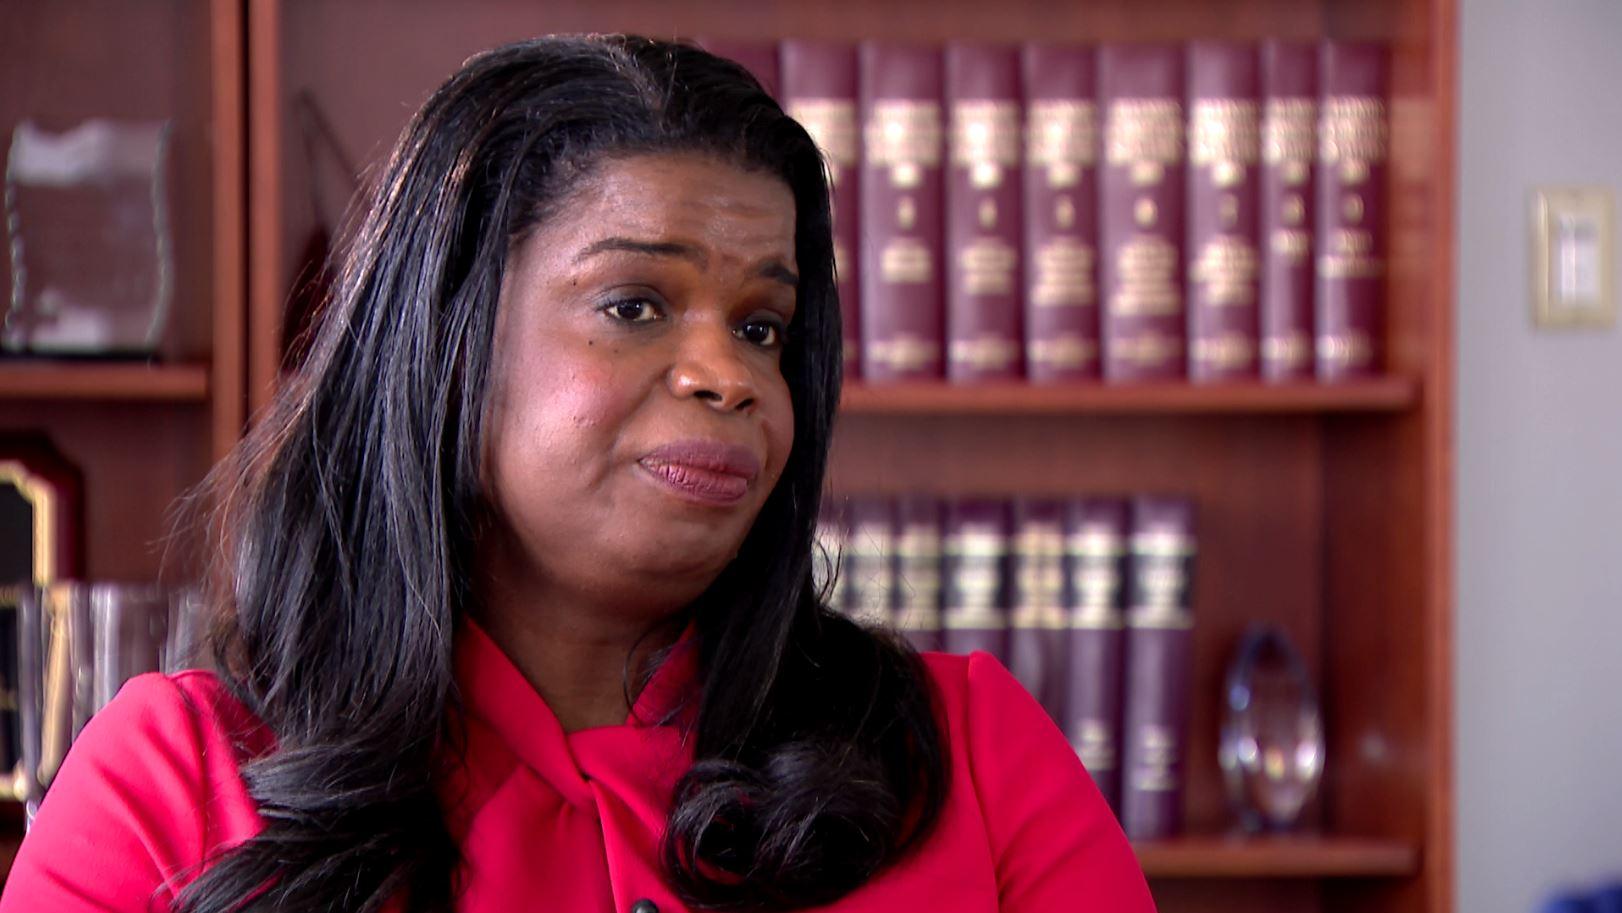 Kolejny bliski współpracownik prokurator Kim Foxx zrezygnował z pracy